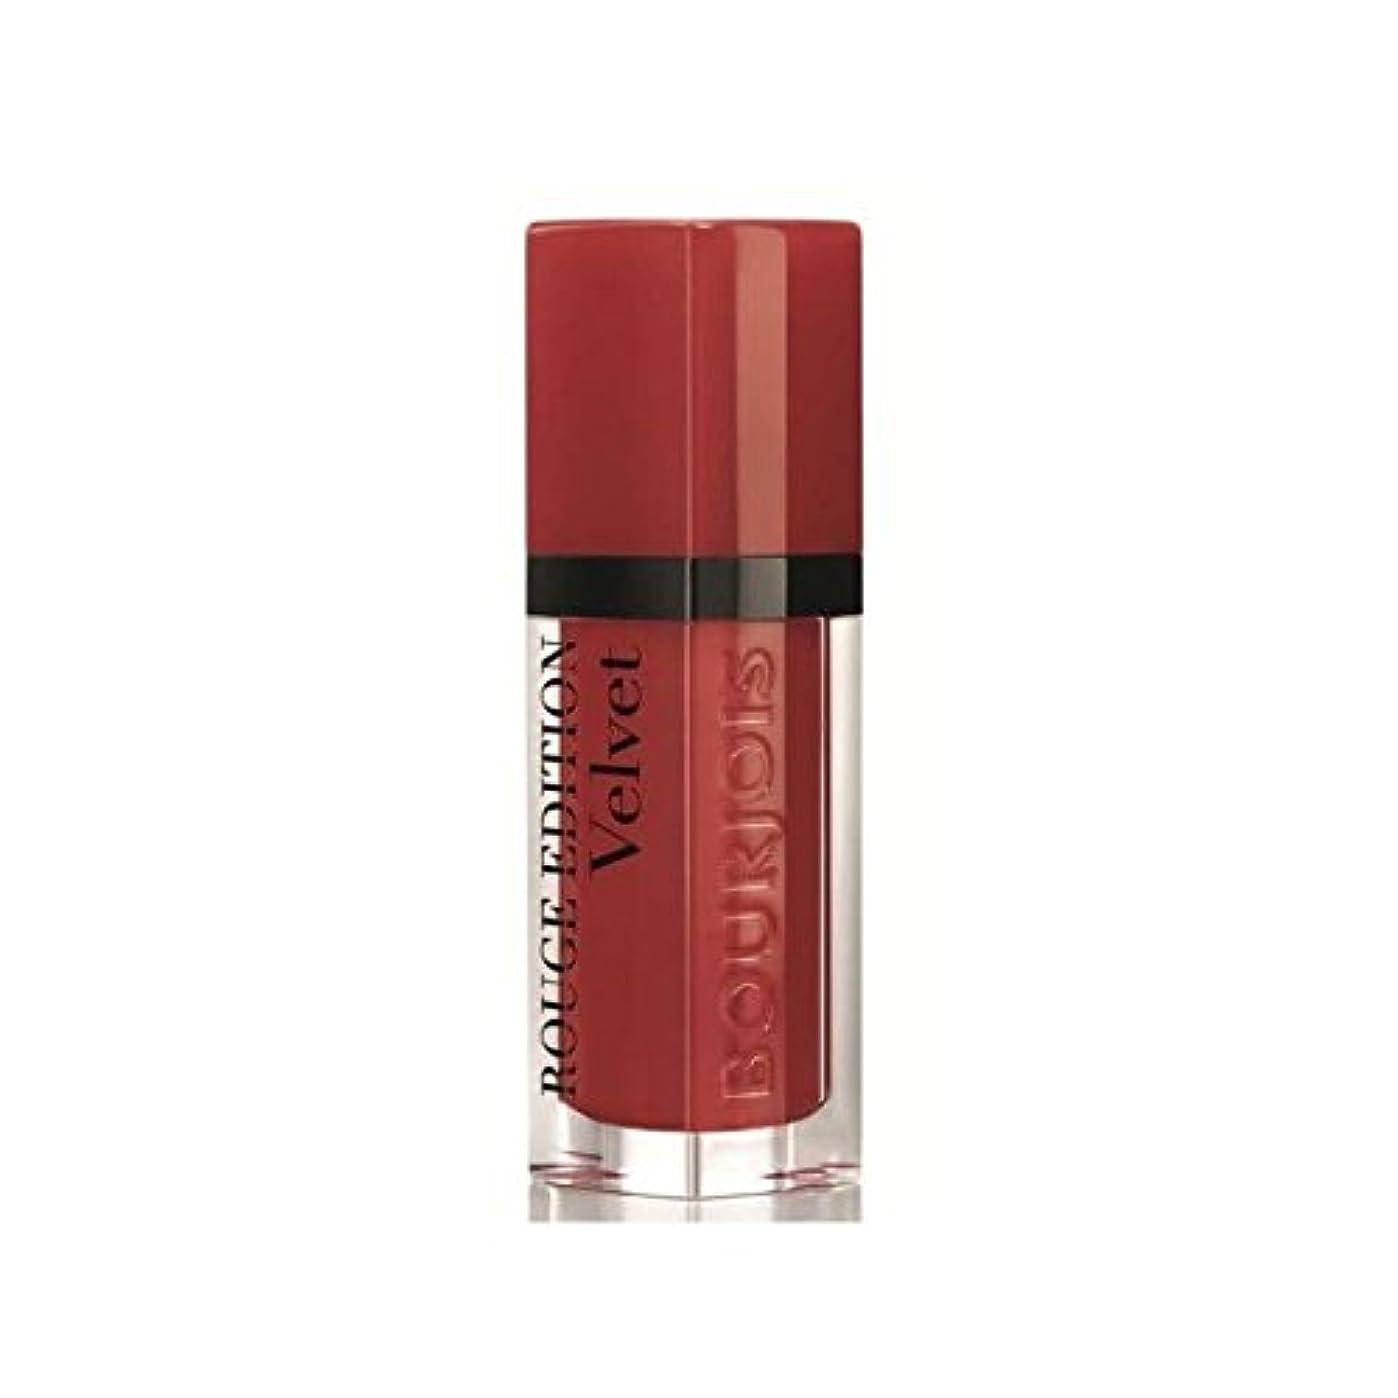 ハプニング道分泌するBourjois Rouge Edition Velvet lipstick Personne Ne Rouge 1 (Pack of 6) - ブルジョワルージュ版ベルベットの口紅ねルージュ1 x6 [並行輸入品]